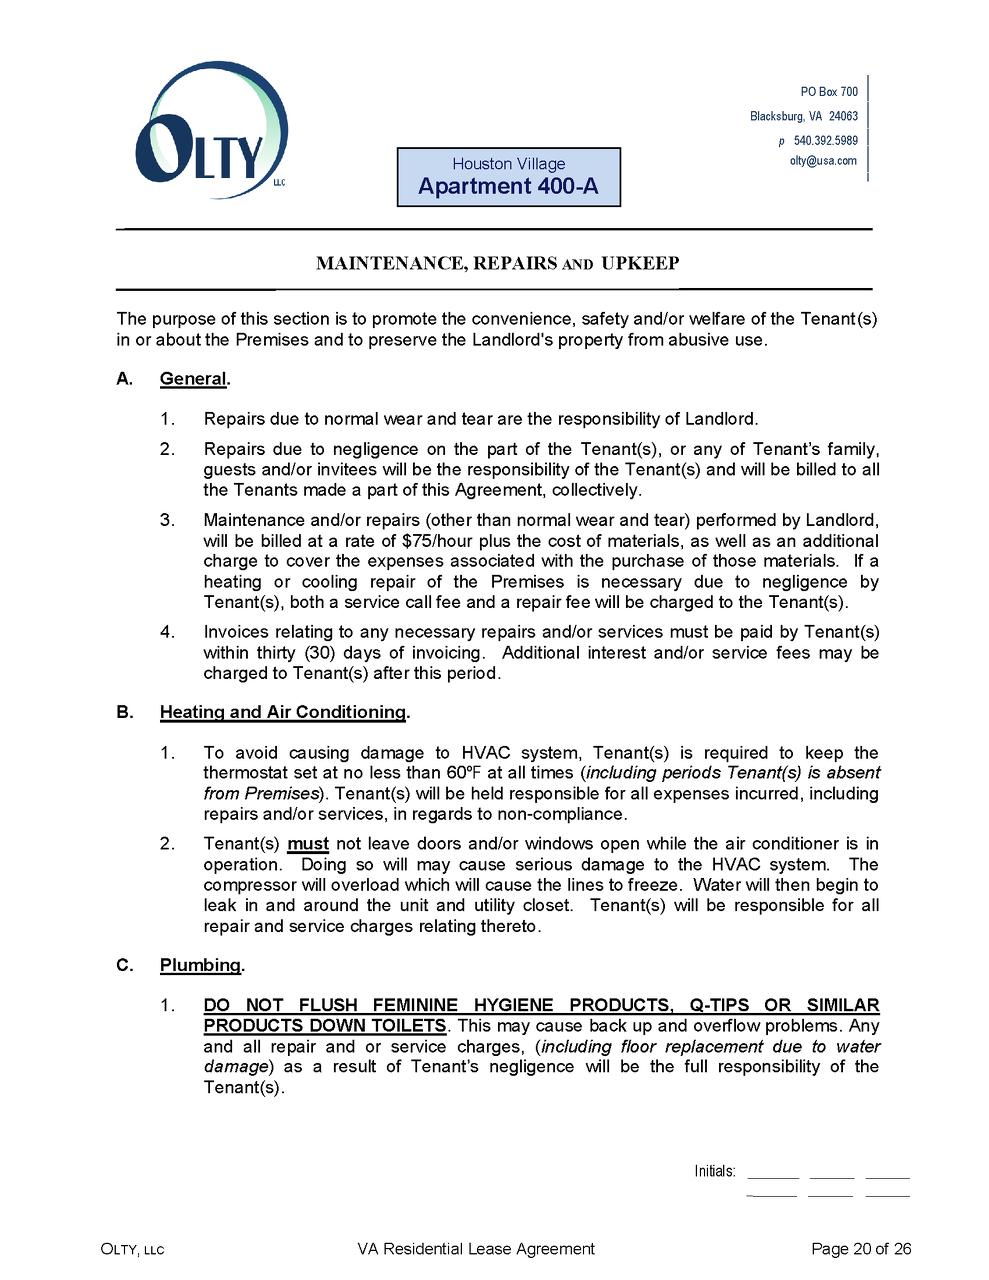 Olty rental property management blacksburg va lease agreement 400apage20 falaconquin